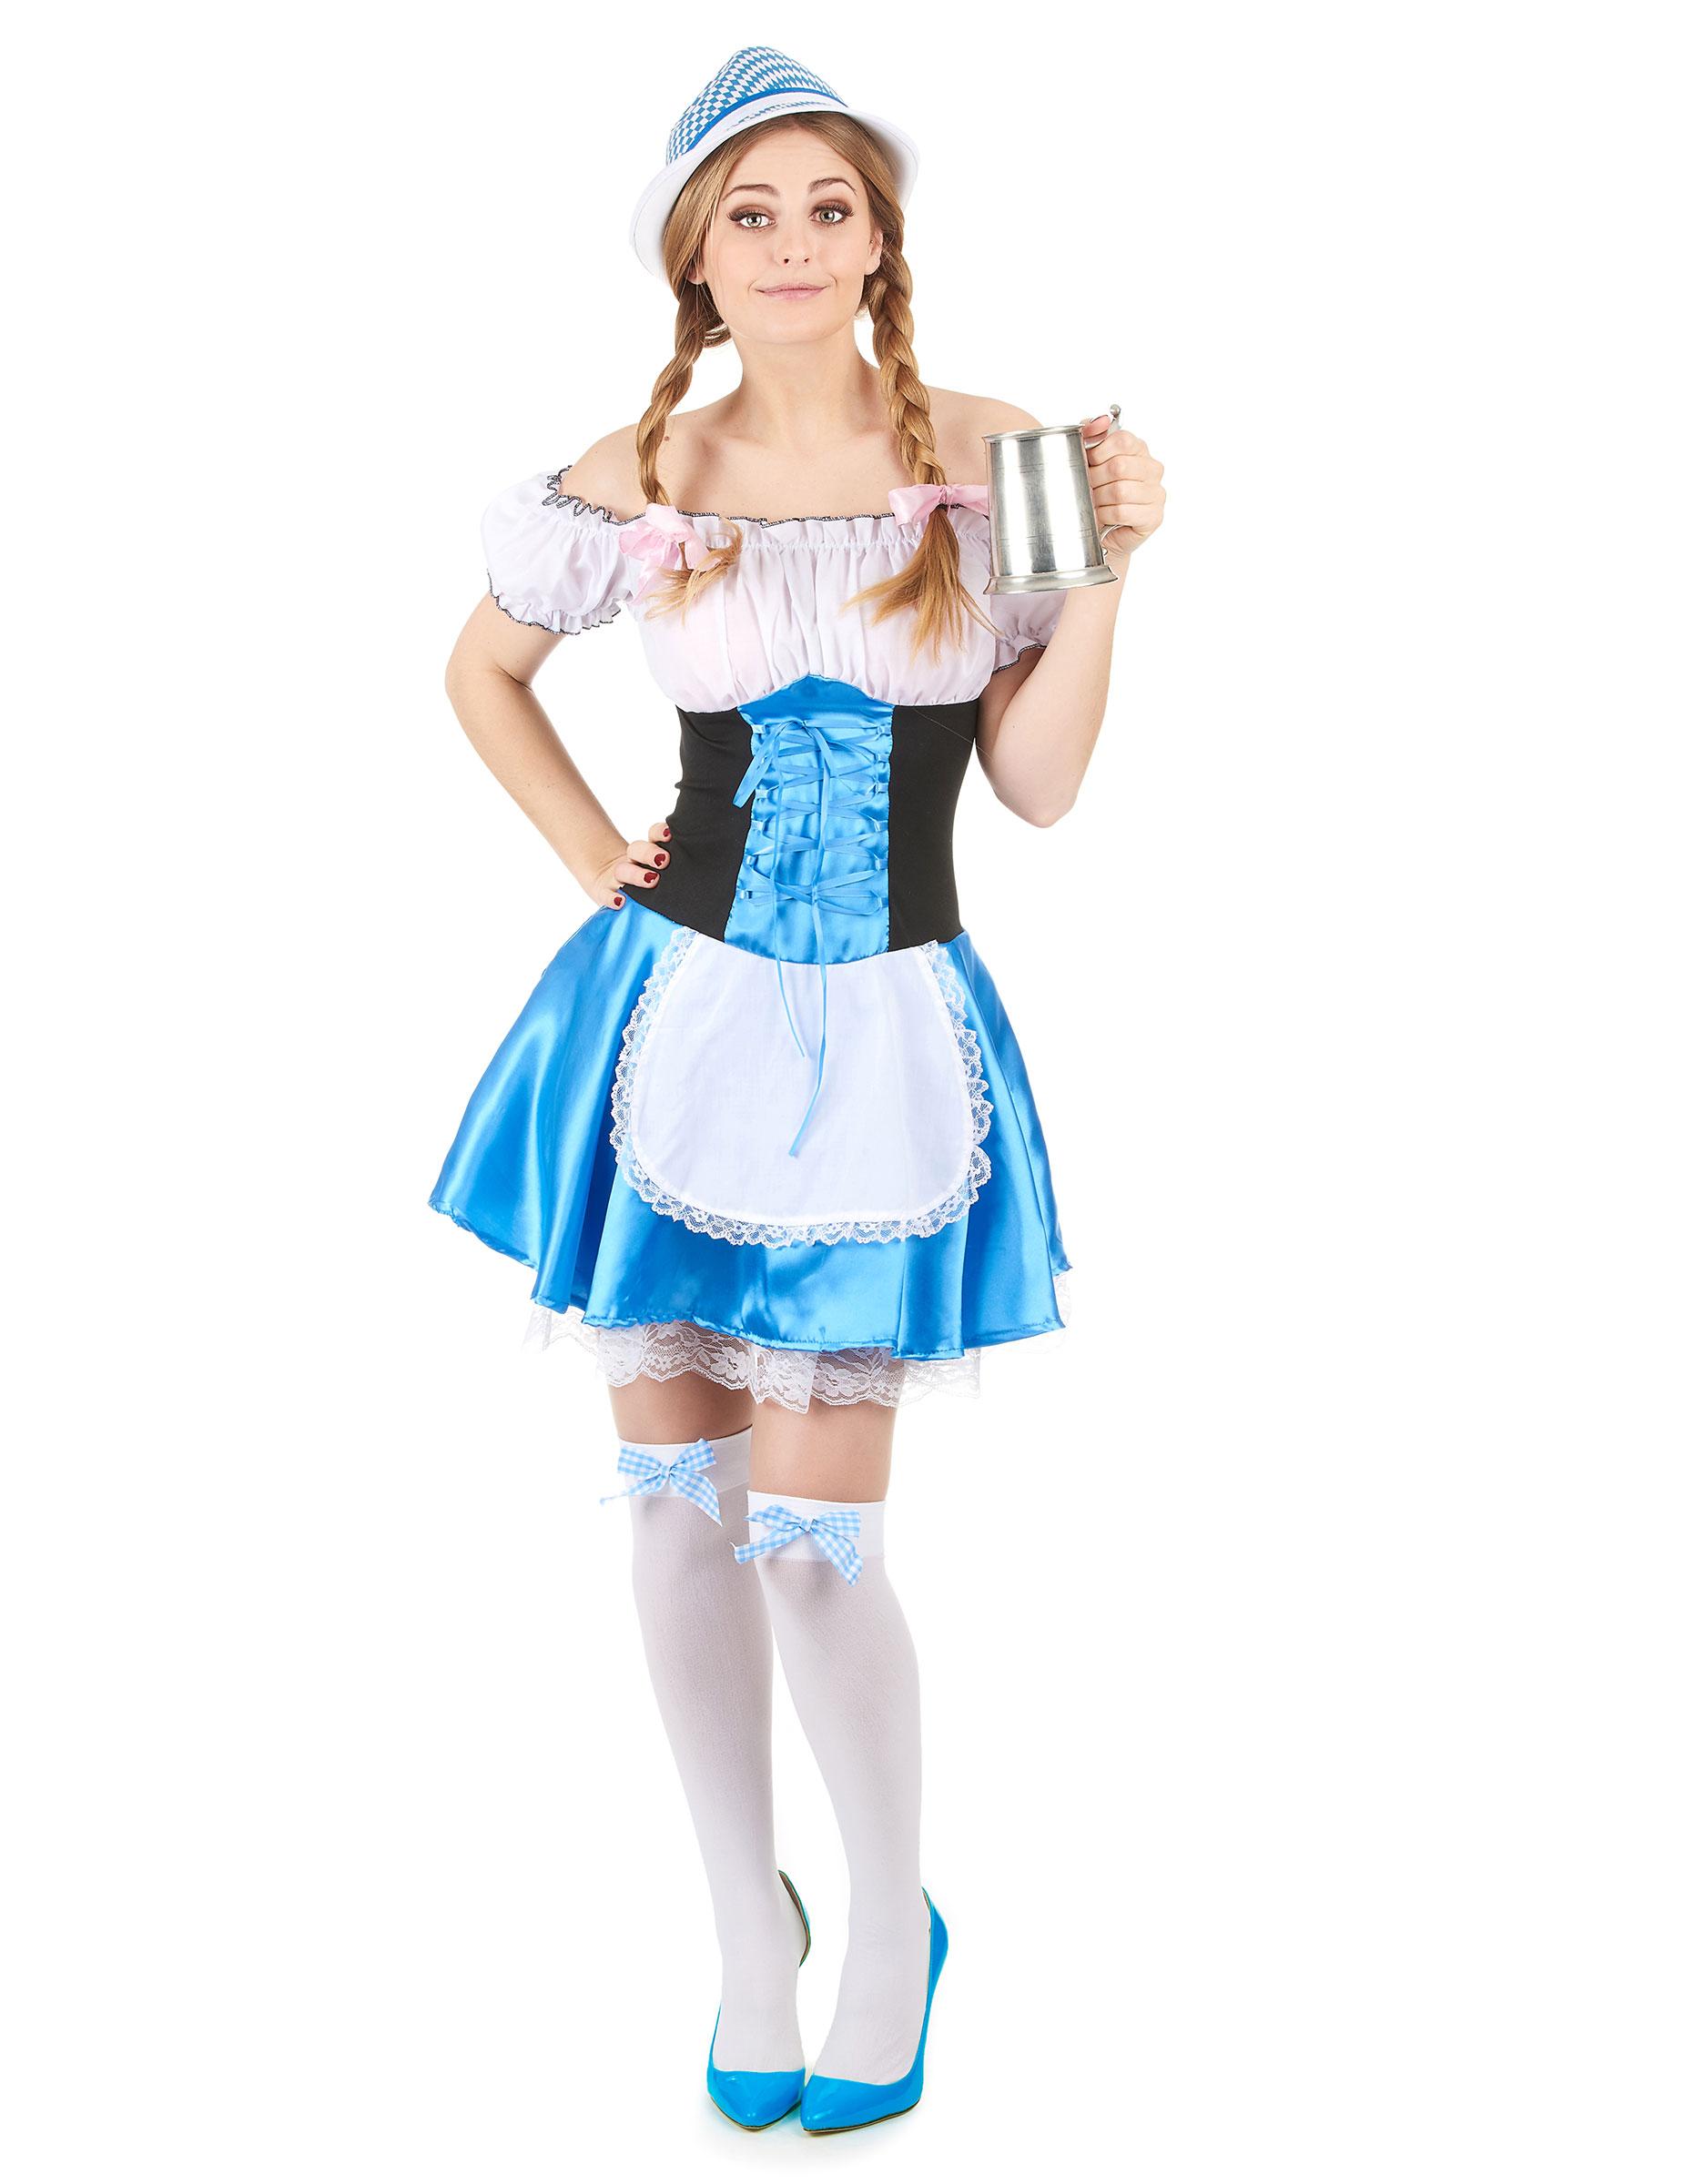 cc55d74839c435 Bayerin Dirndl Kostüm für Damen: Kostüme für Erwachsene,und günstige ...